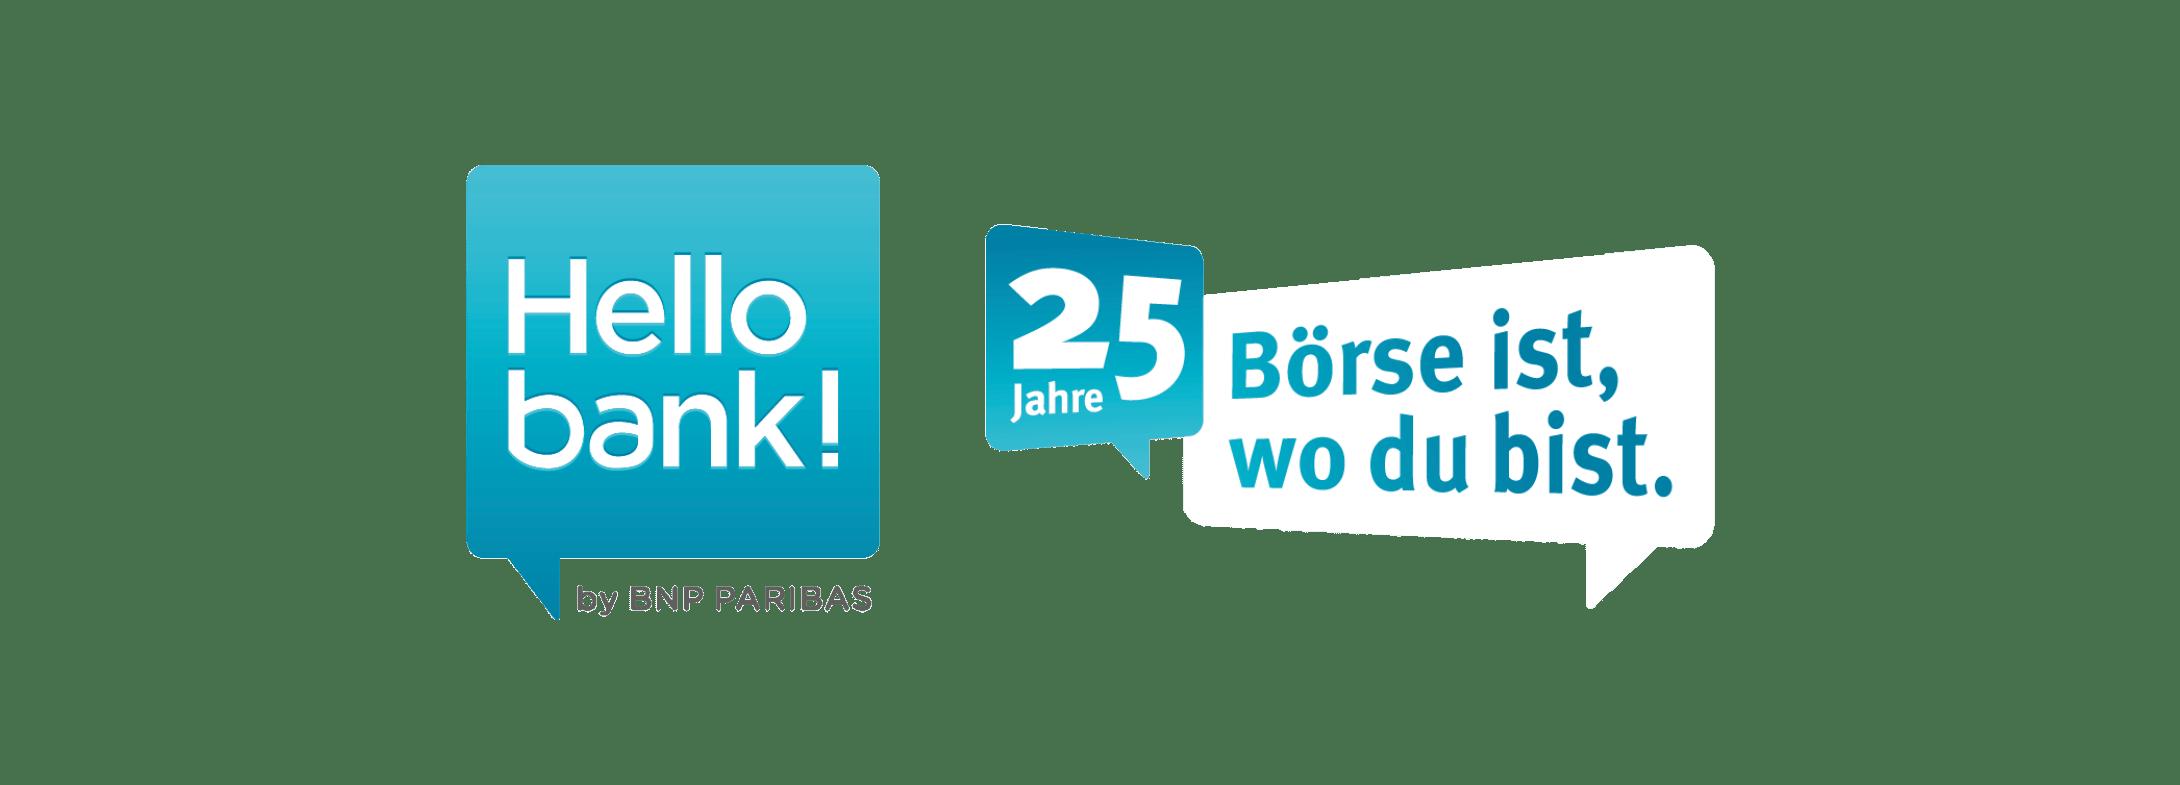 Hello bank Logo für Webseite - Kunde im Fokus - Hello bank!